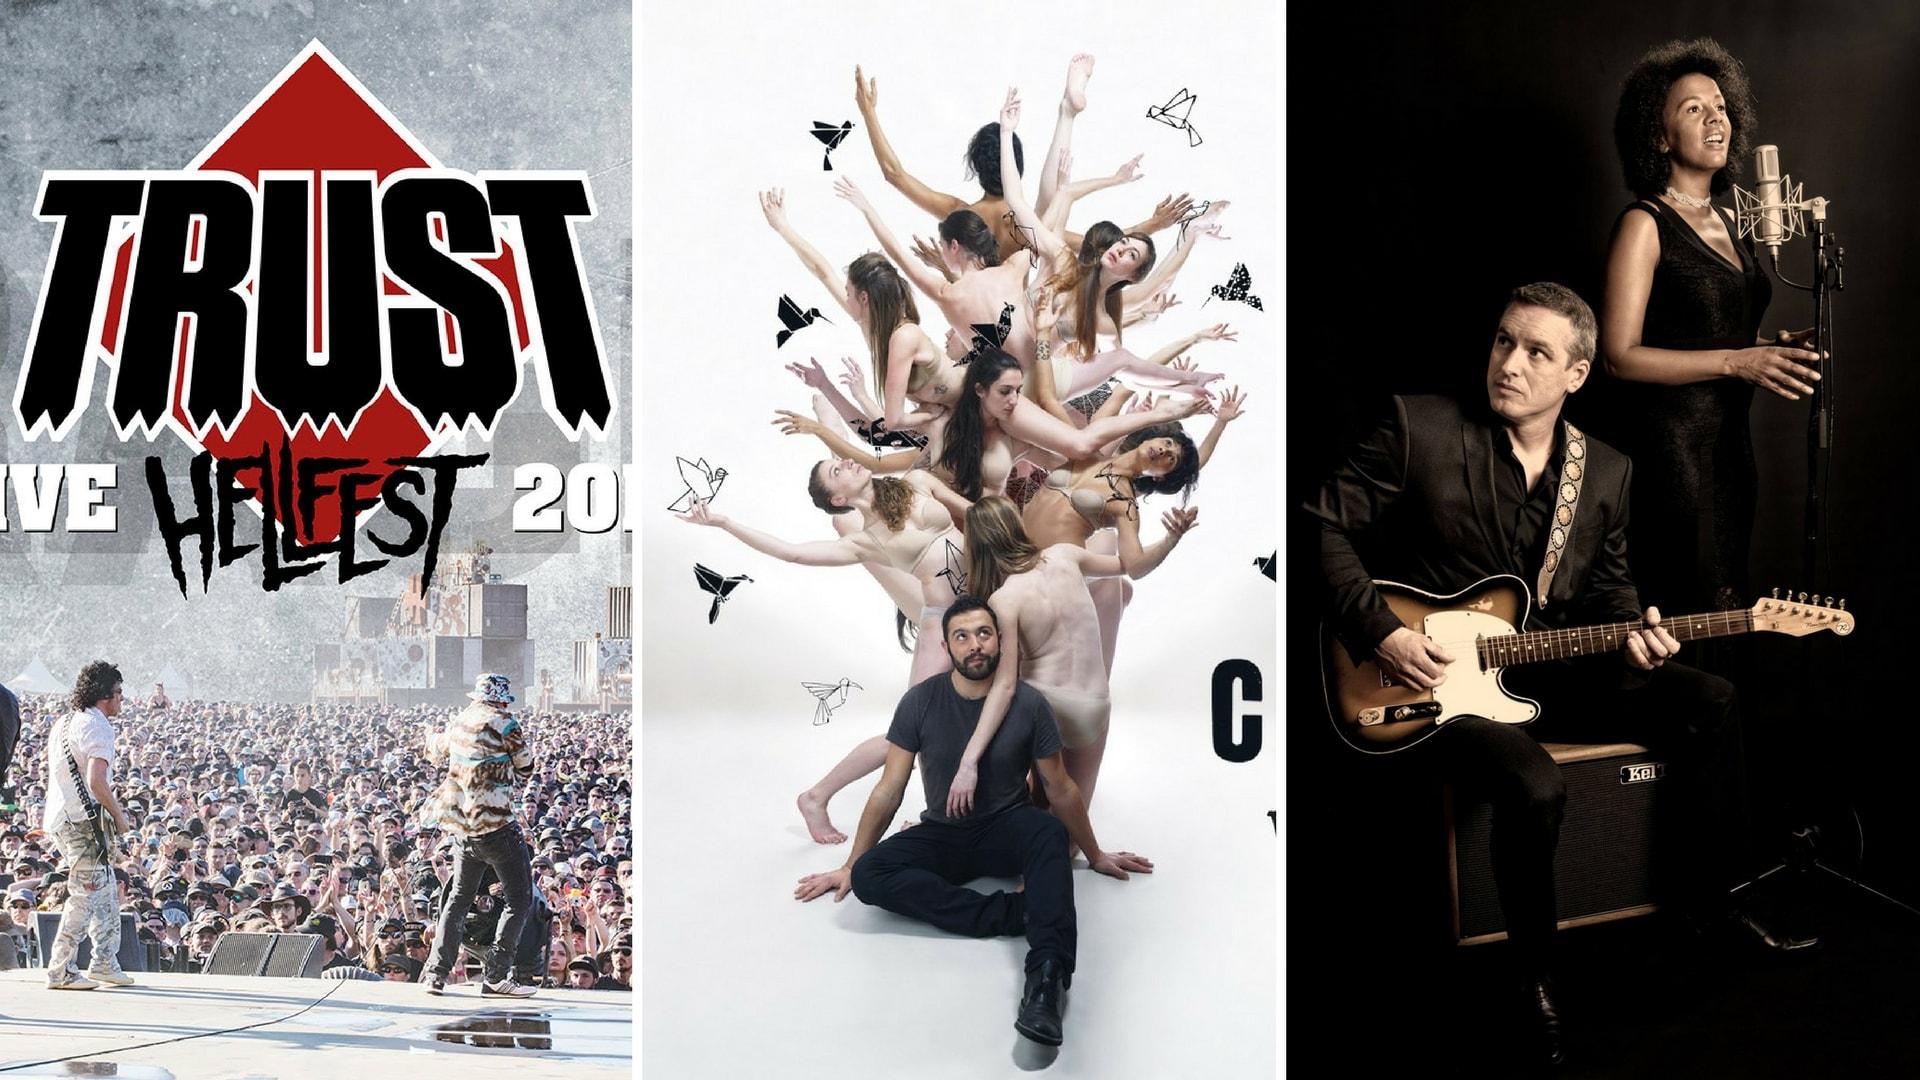 playlist musique 09 images Trust, Chouf, Yvan Guillevic et Anne Sorgues